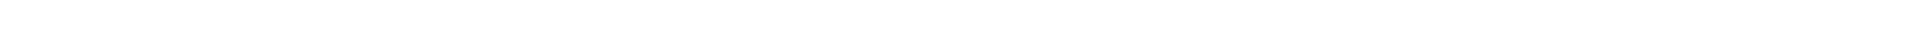 네이키드니스(NEIKIDNIS) 비슬론 힙색 / 블랙